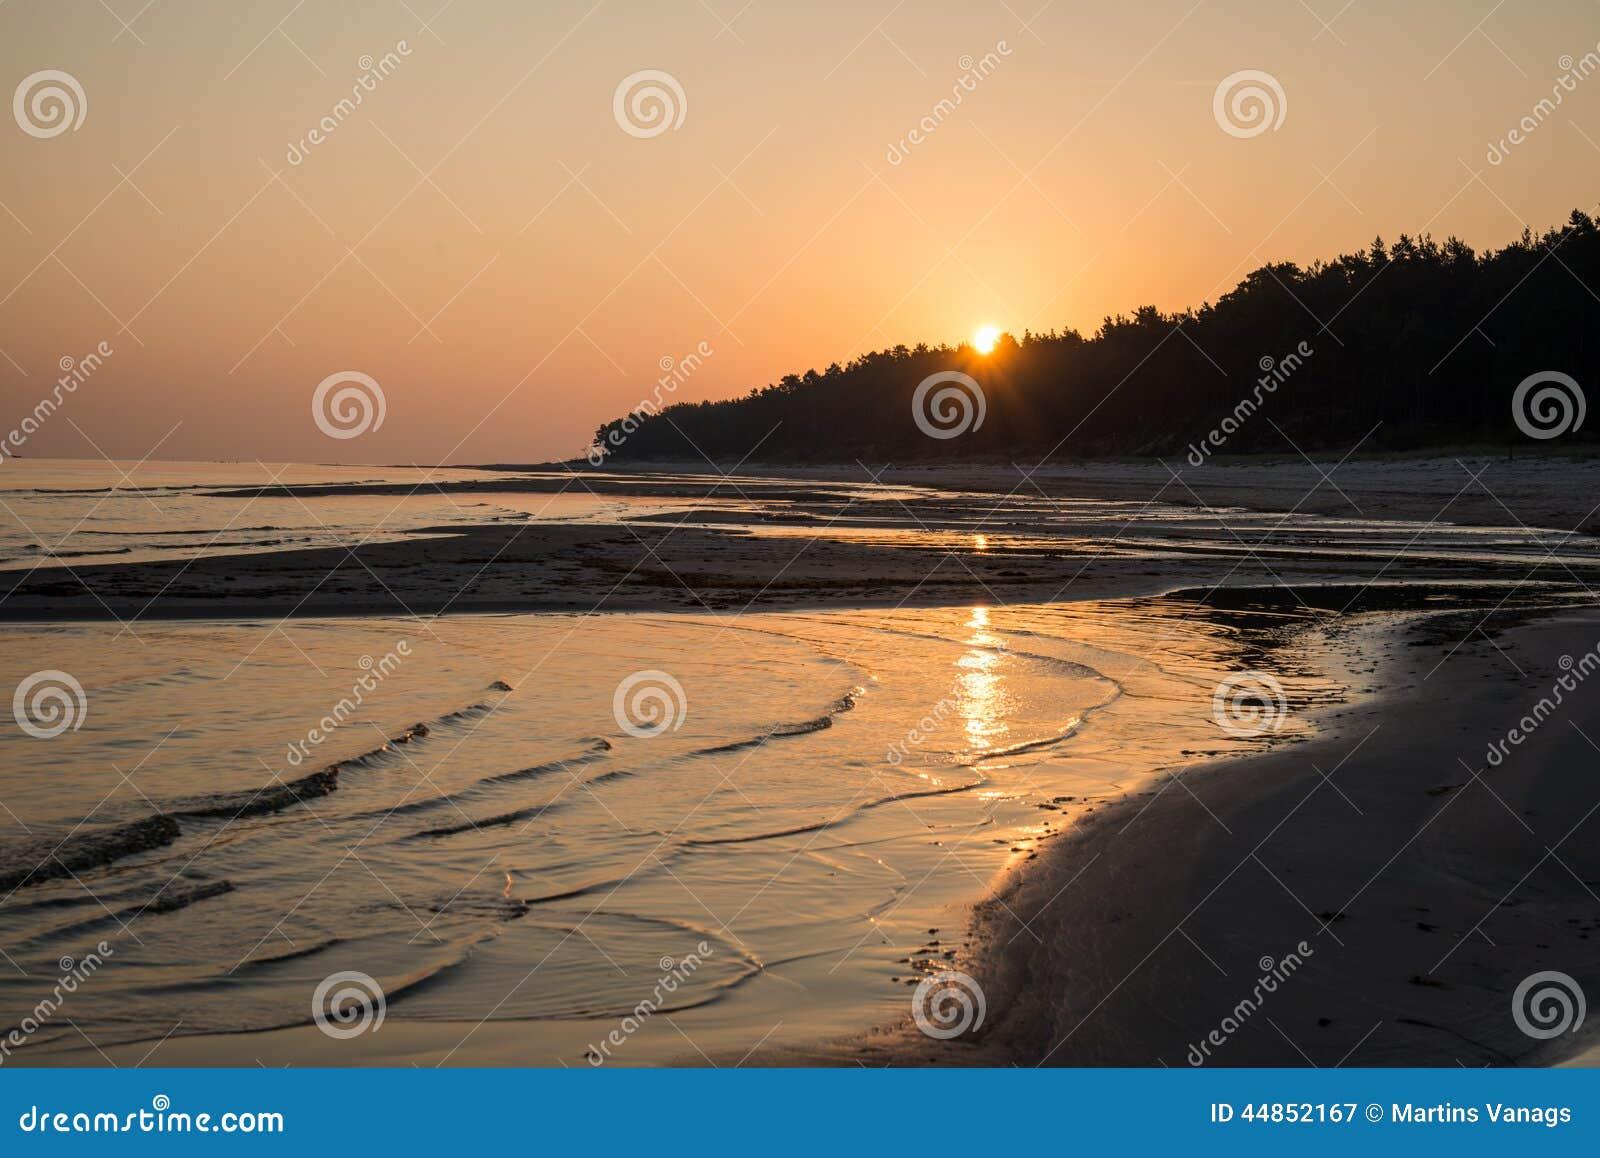 Horizonte de la playa con la arena y la perspectiva